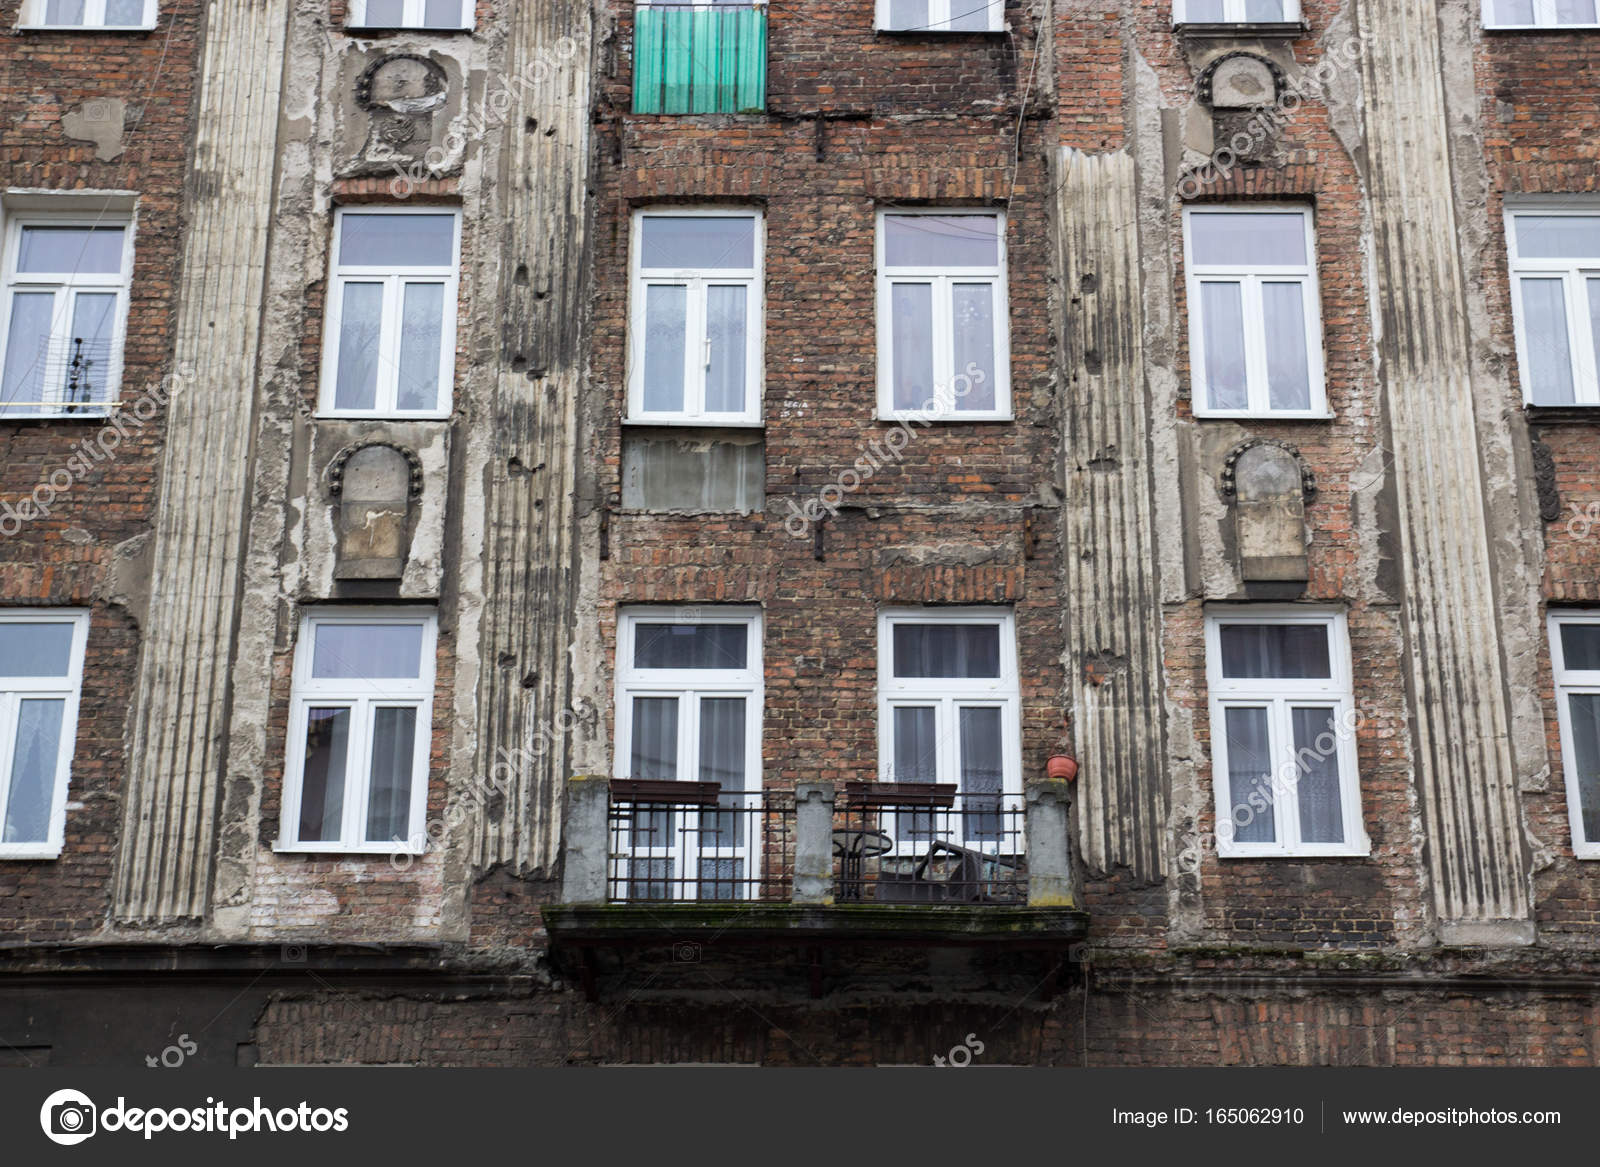 De gevel van de oude huis met ramen u2014 stockfoto © bogdankhmel #165062910